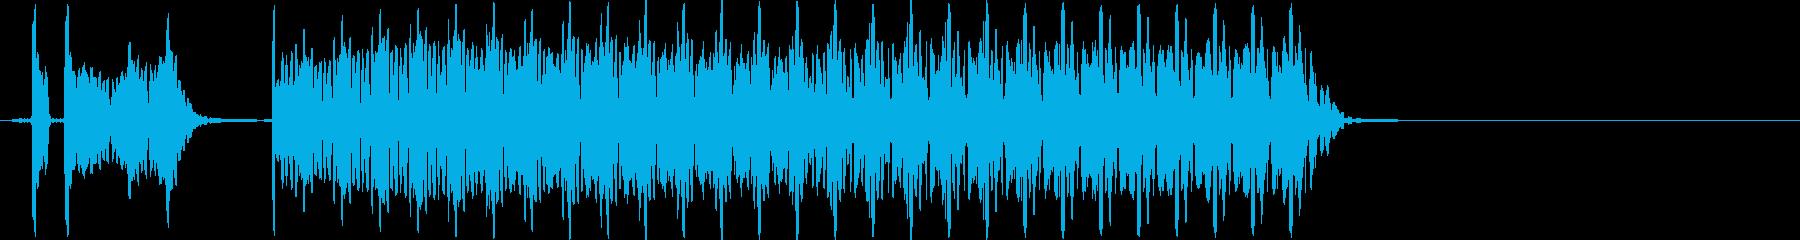 ブブー(不正解音、ハズレ音)の再生済みの波形